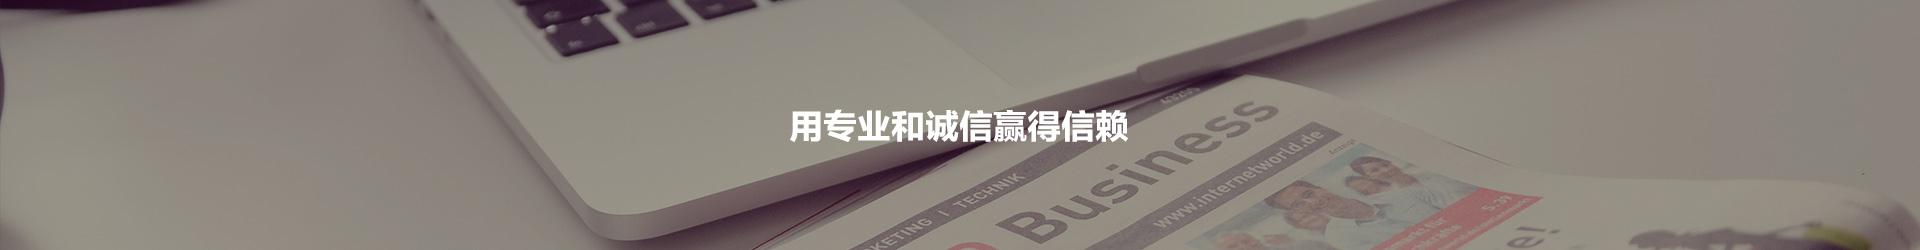 公司简介_关于我们_山东普邦信息技术有限公司官方网站